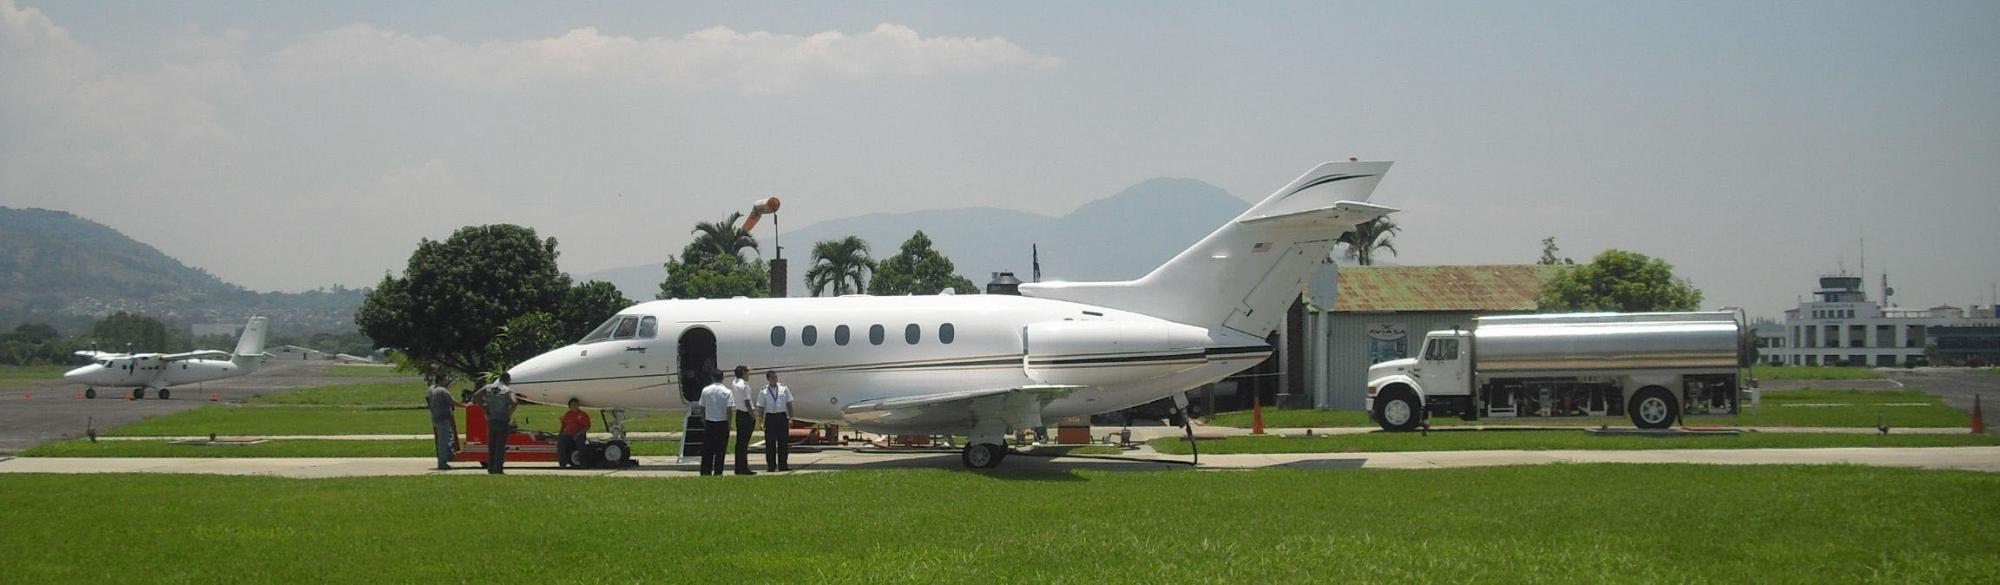 Central America FBO Aviation